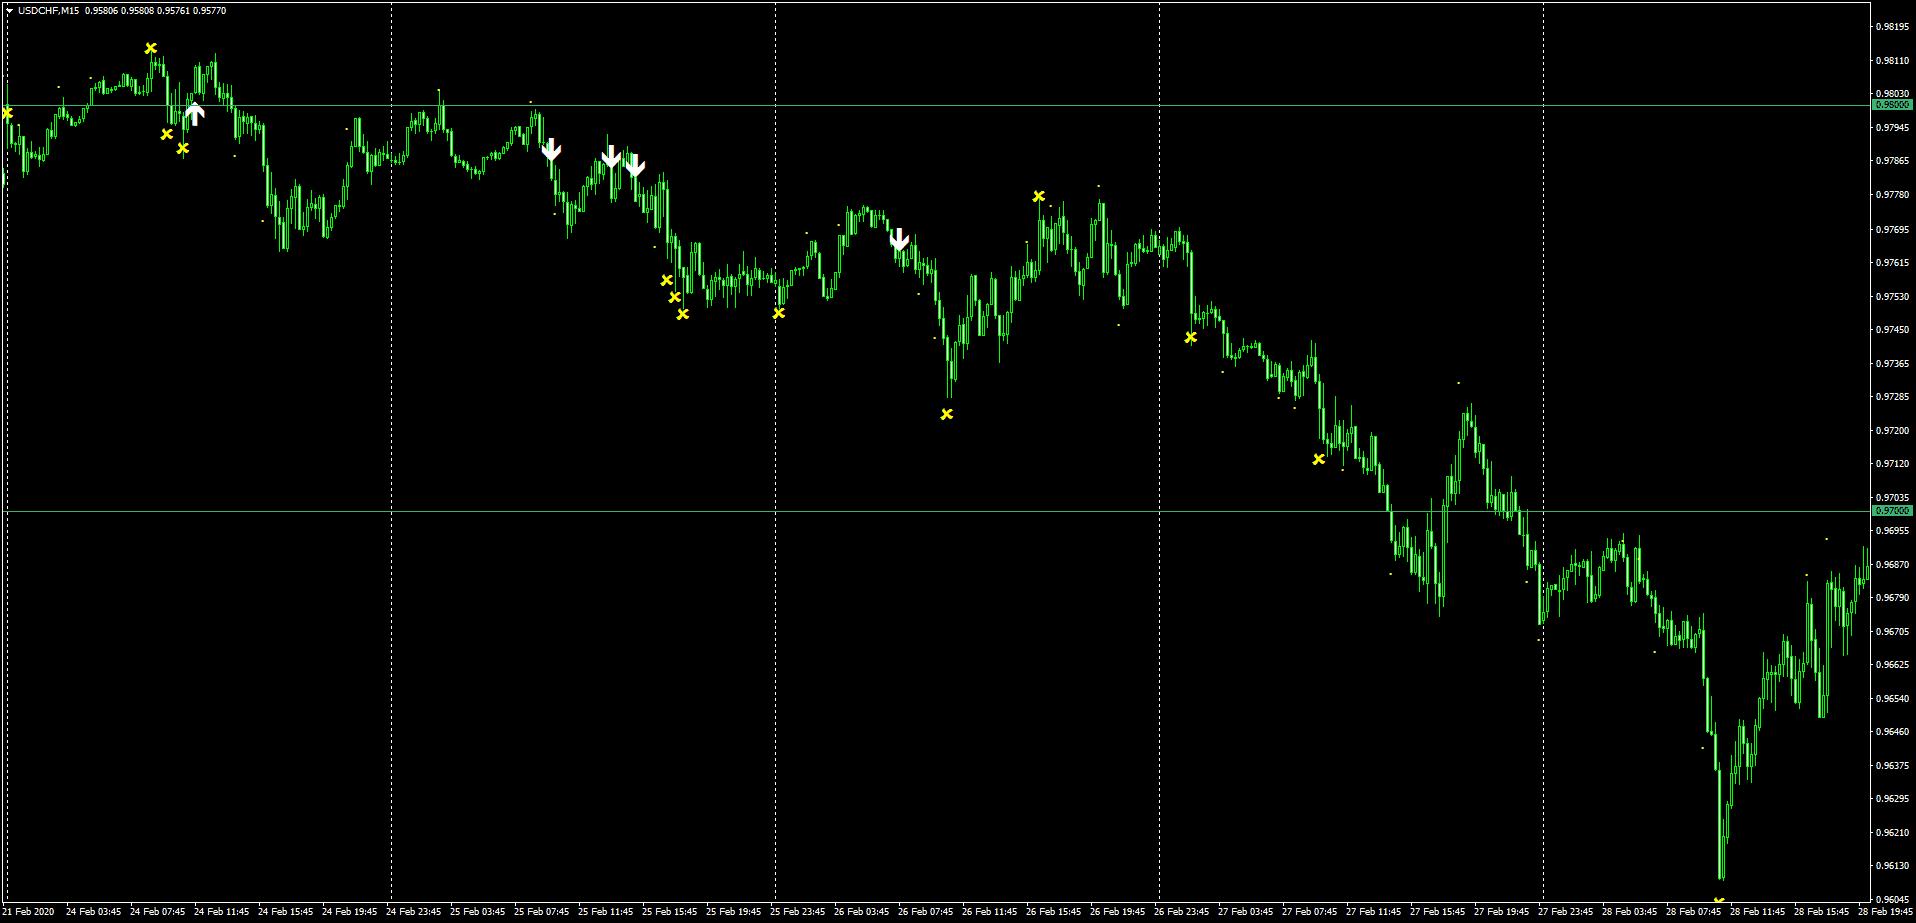 ドルスイスフランの2月24日~28日までのSindyサイン状況